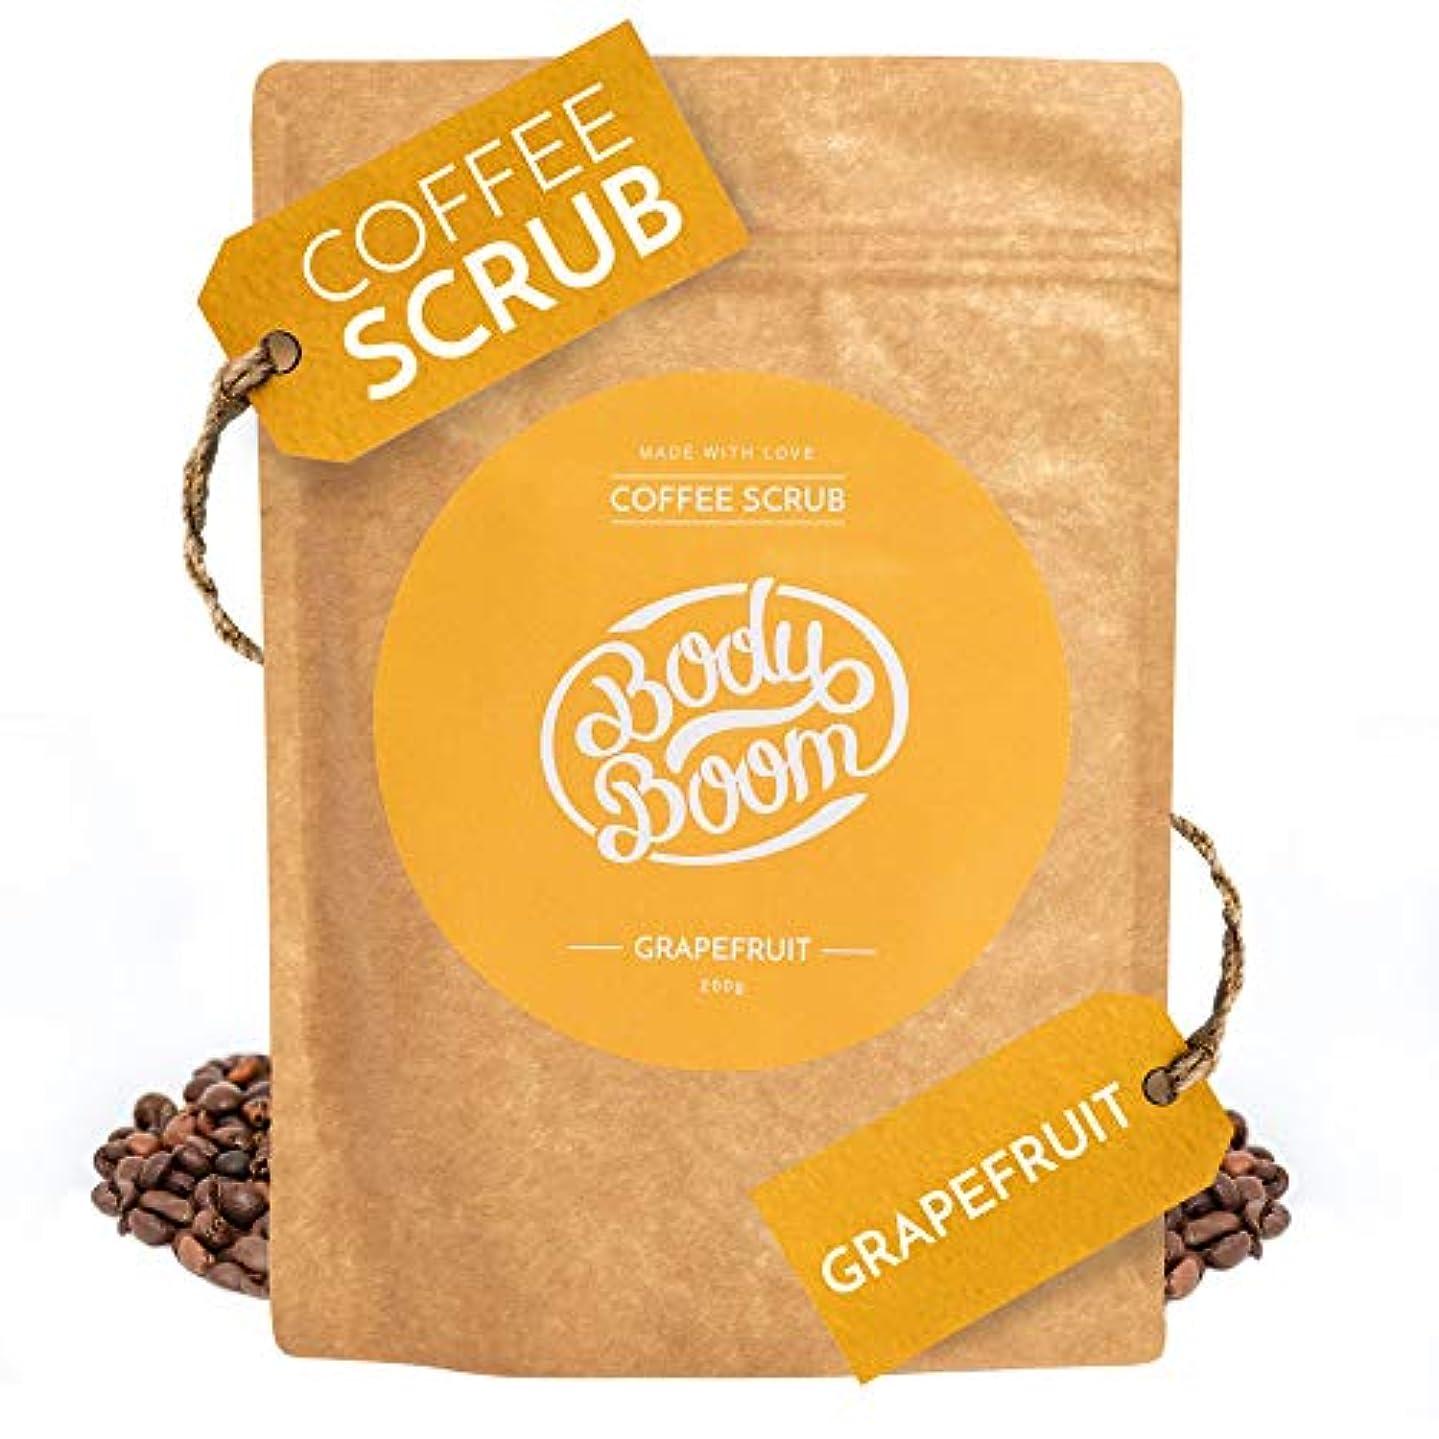 ホップ衝突する肥沃なコーヒースクラブ Body Boom ボディブーム グレープフルーツ 200g